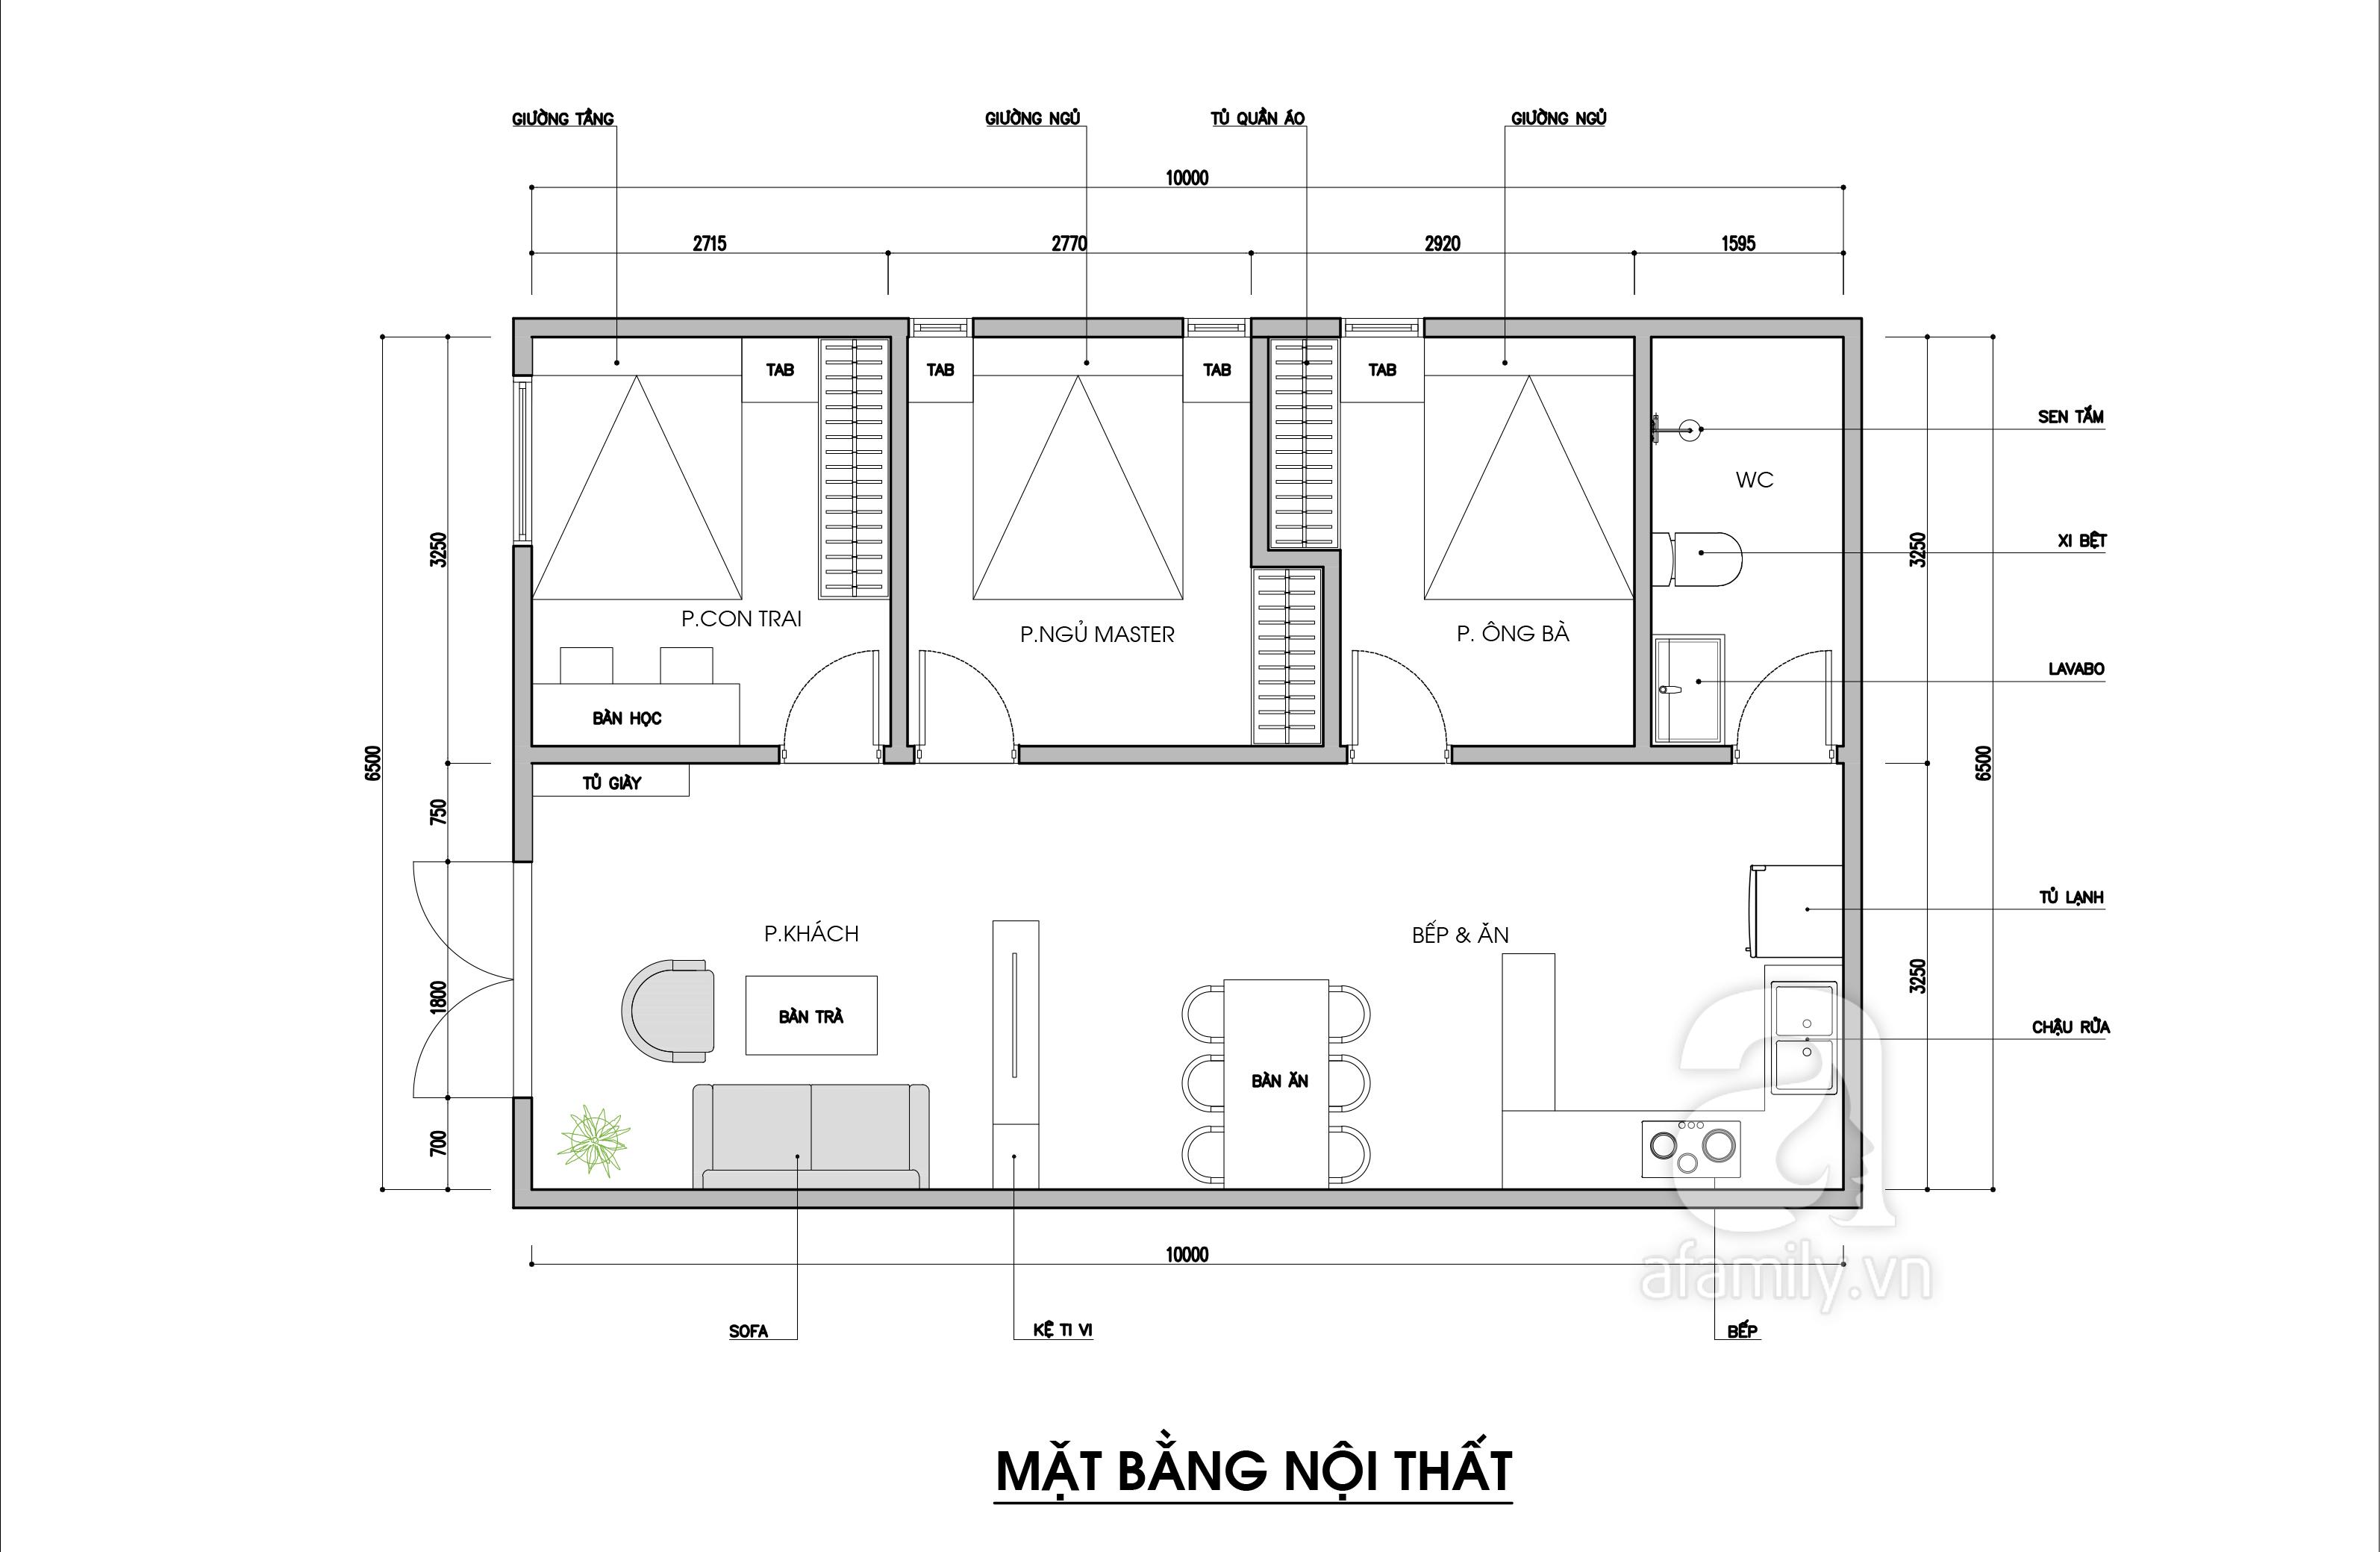 Tư vấn thiết kế nhà cấp 4 diện tích 65m² một tầng 3 phòng ngủ với chi phí 70 triệu đồng - Ảnh 2.